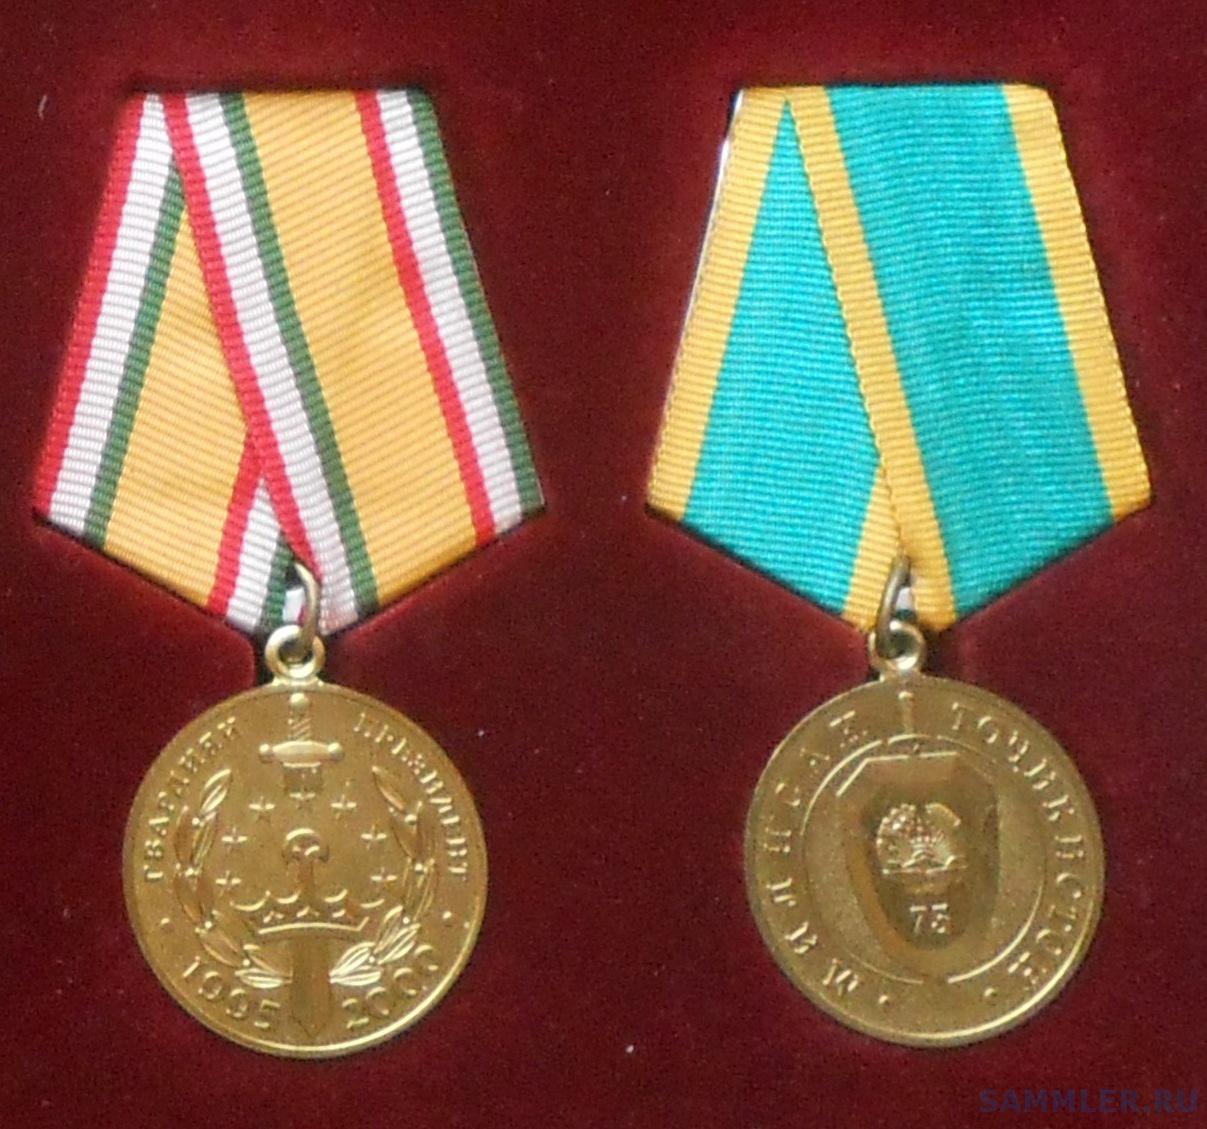 DSCN6367 Таджикистан 2 медали.JPG